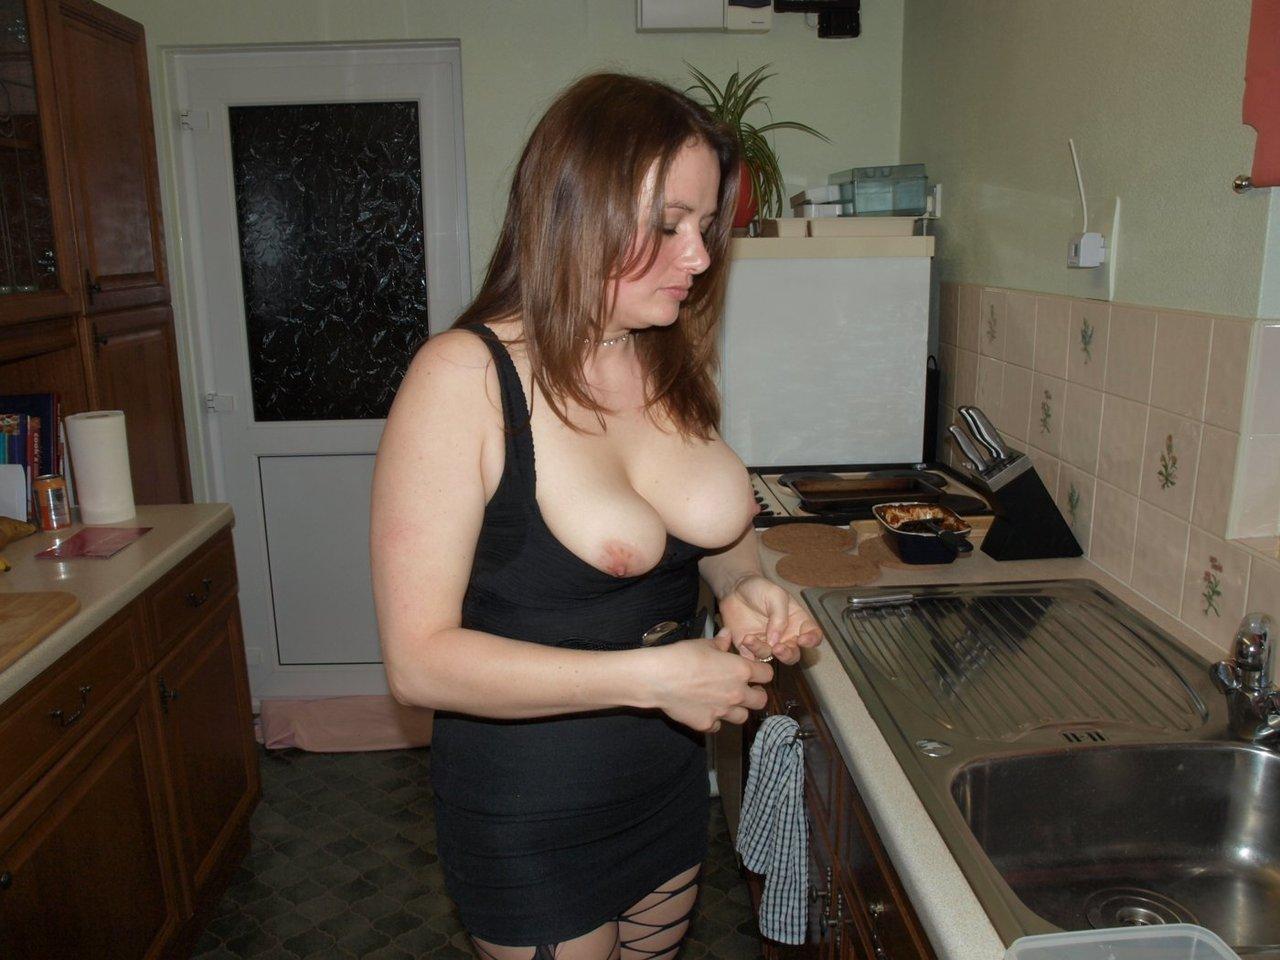 【海外ポルノエロ画像】お家でおふざけで撮った写真がネットで流失しちゃってるんだけどwwwwwwwwwwどういうこと!!! 27 82